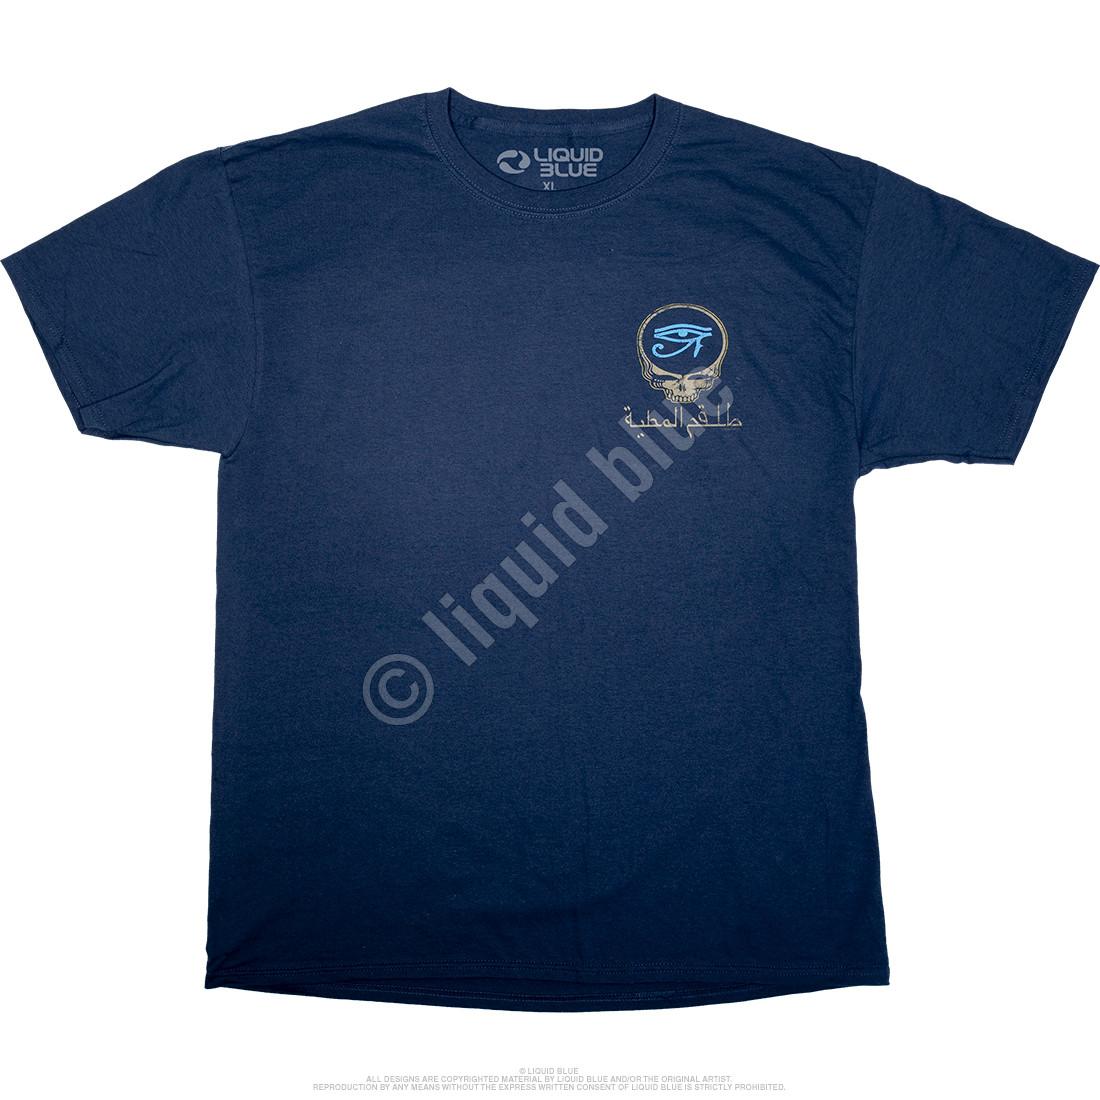 770f695a3 Grateful Dead Egyptian Crew Navy T-Shirt Tee Liquid Blue